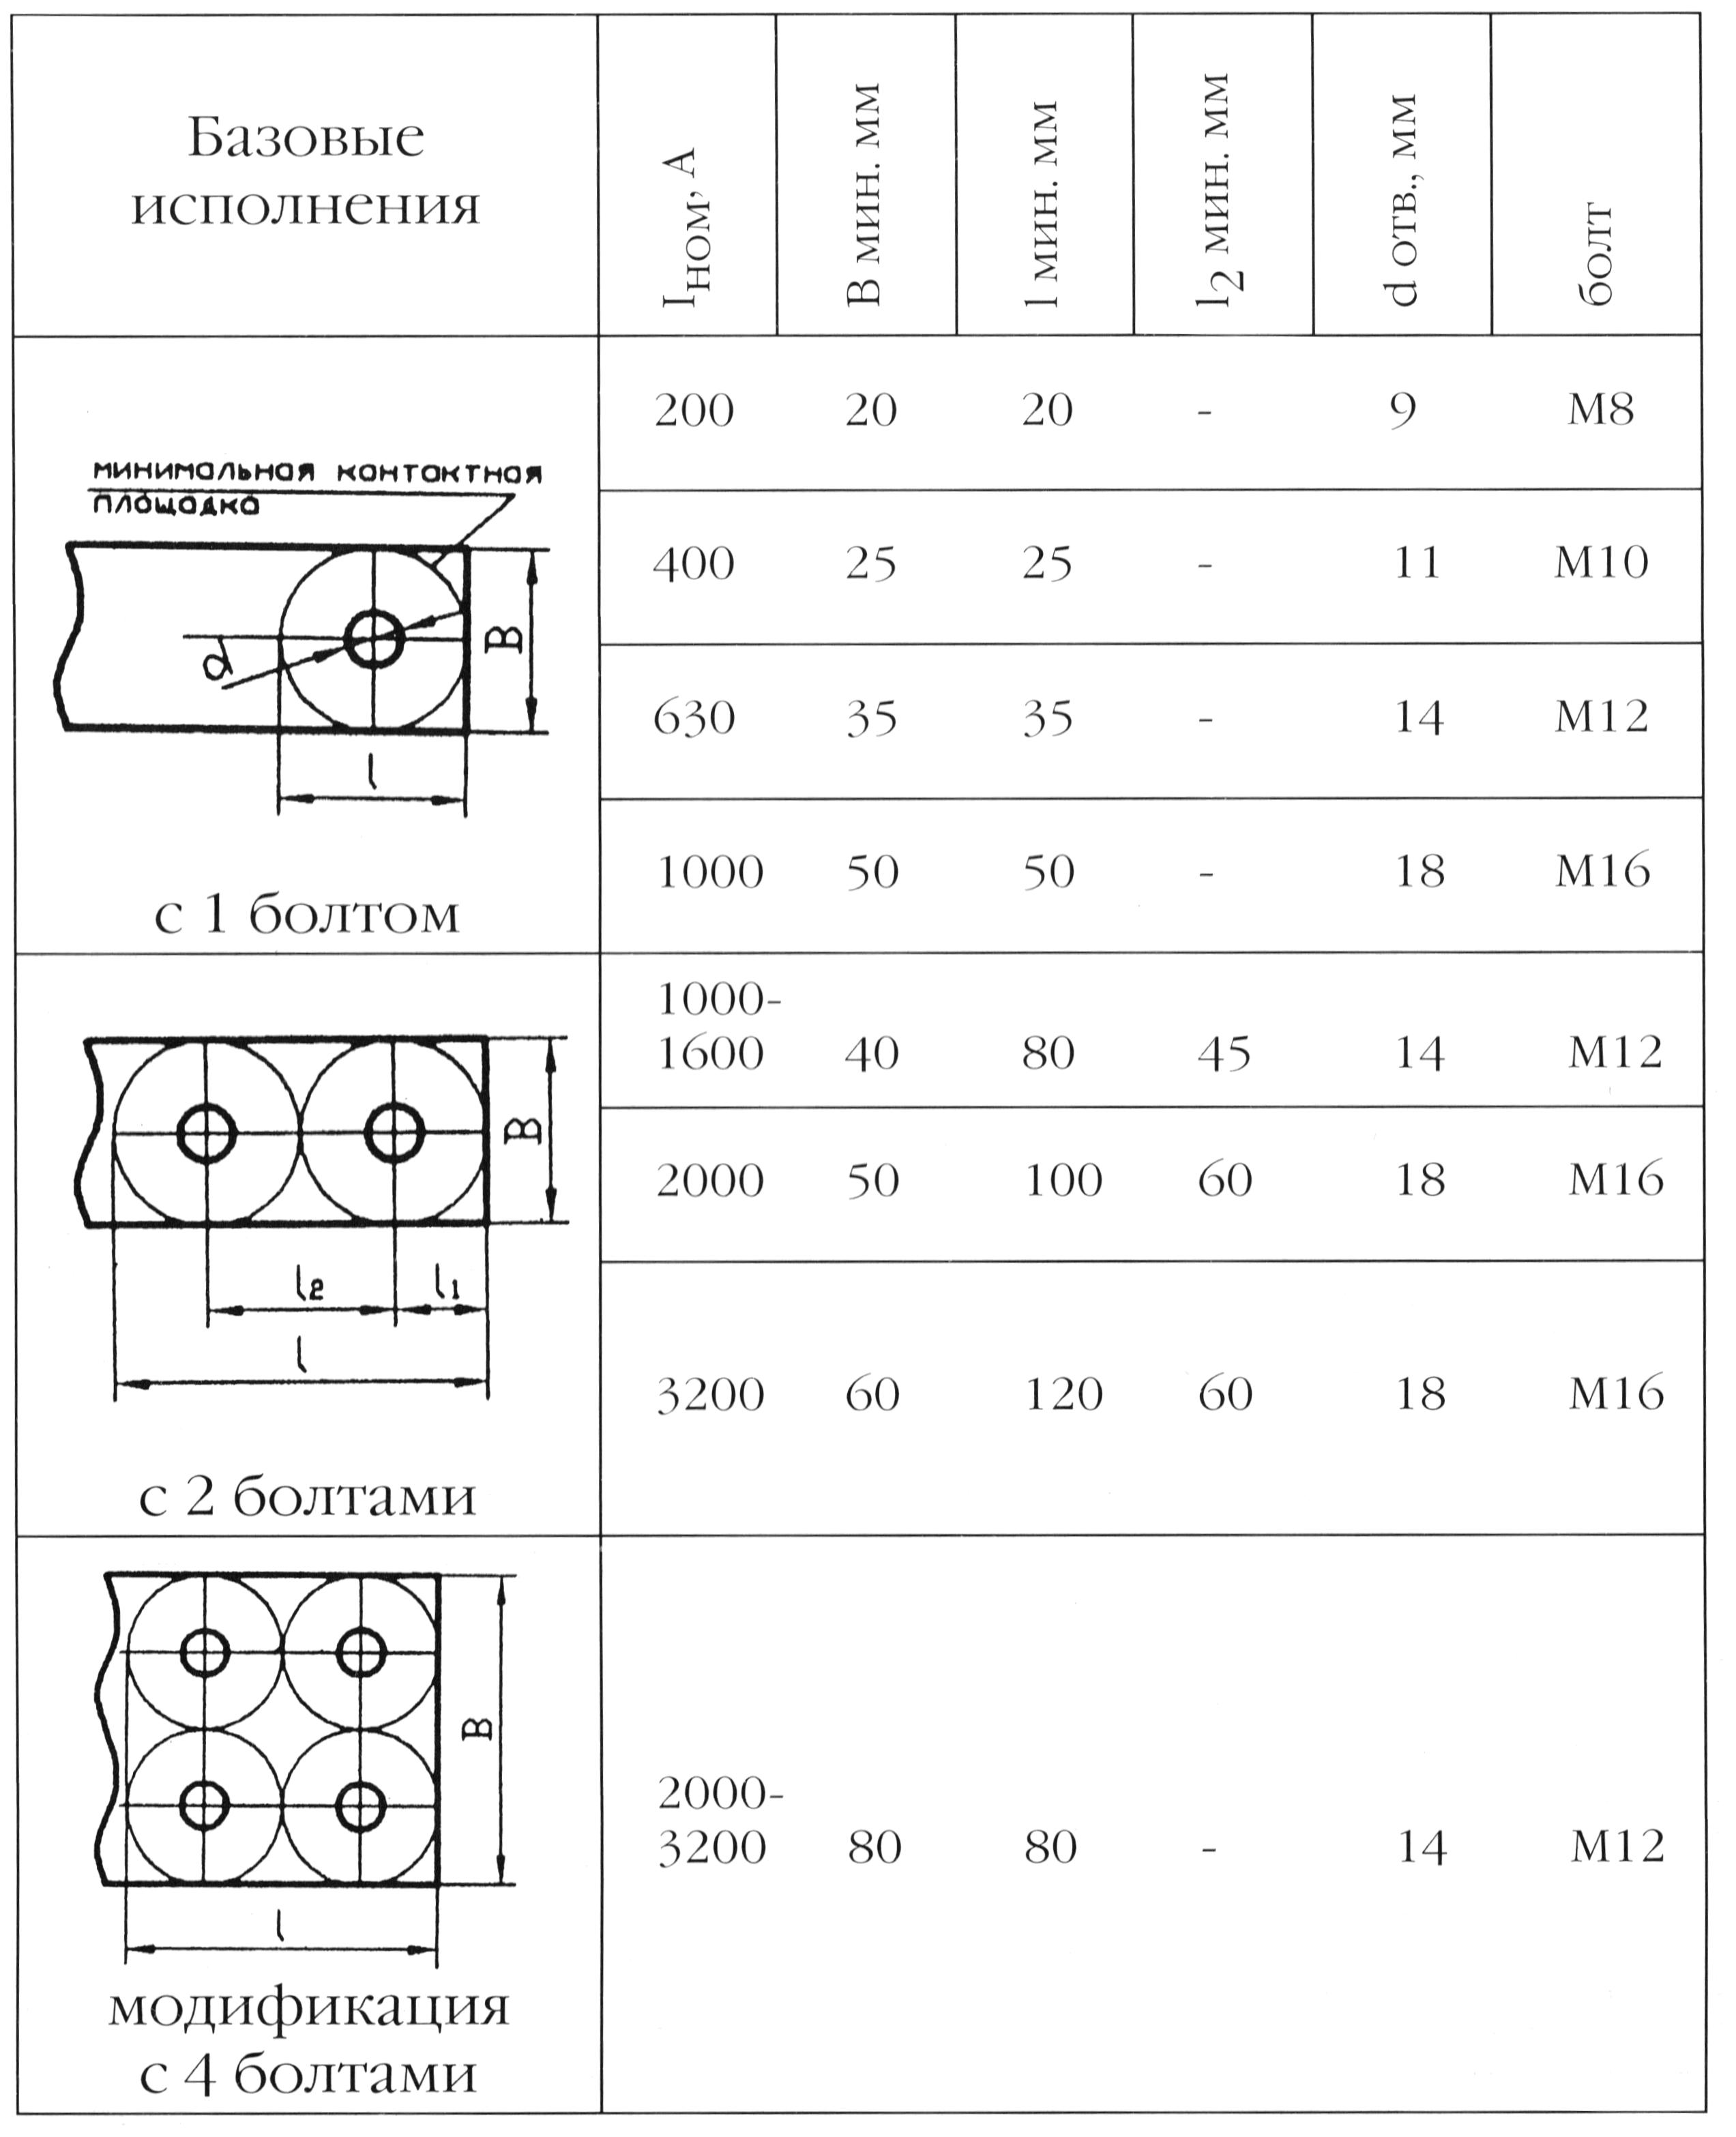 Выводы контактные электротехнических устройств, плоские и штыревые ГОСТ 21242-75